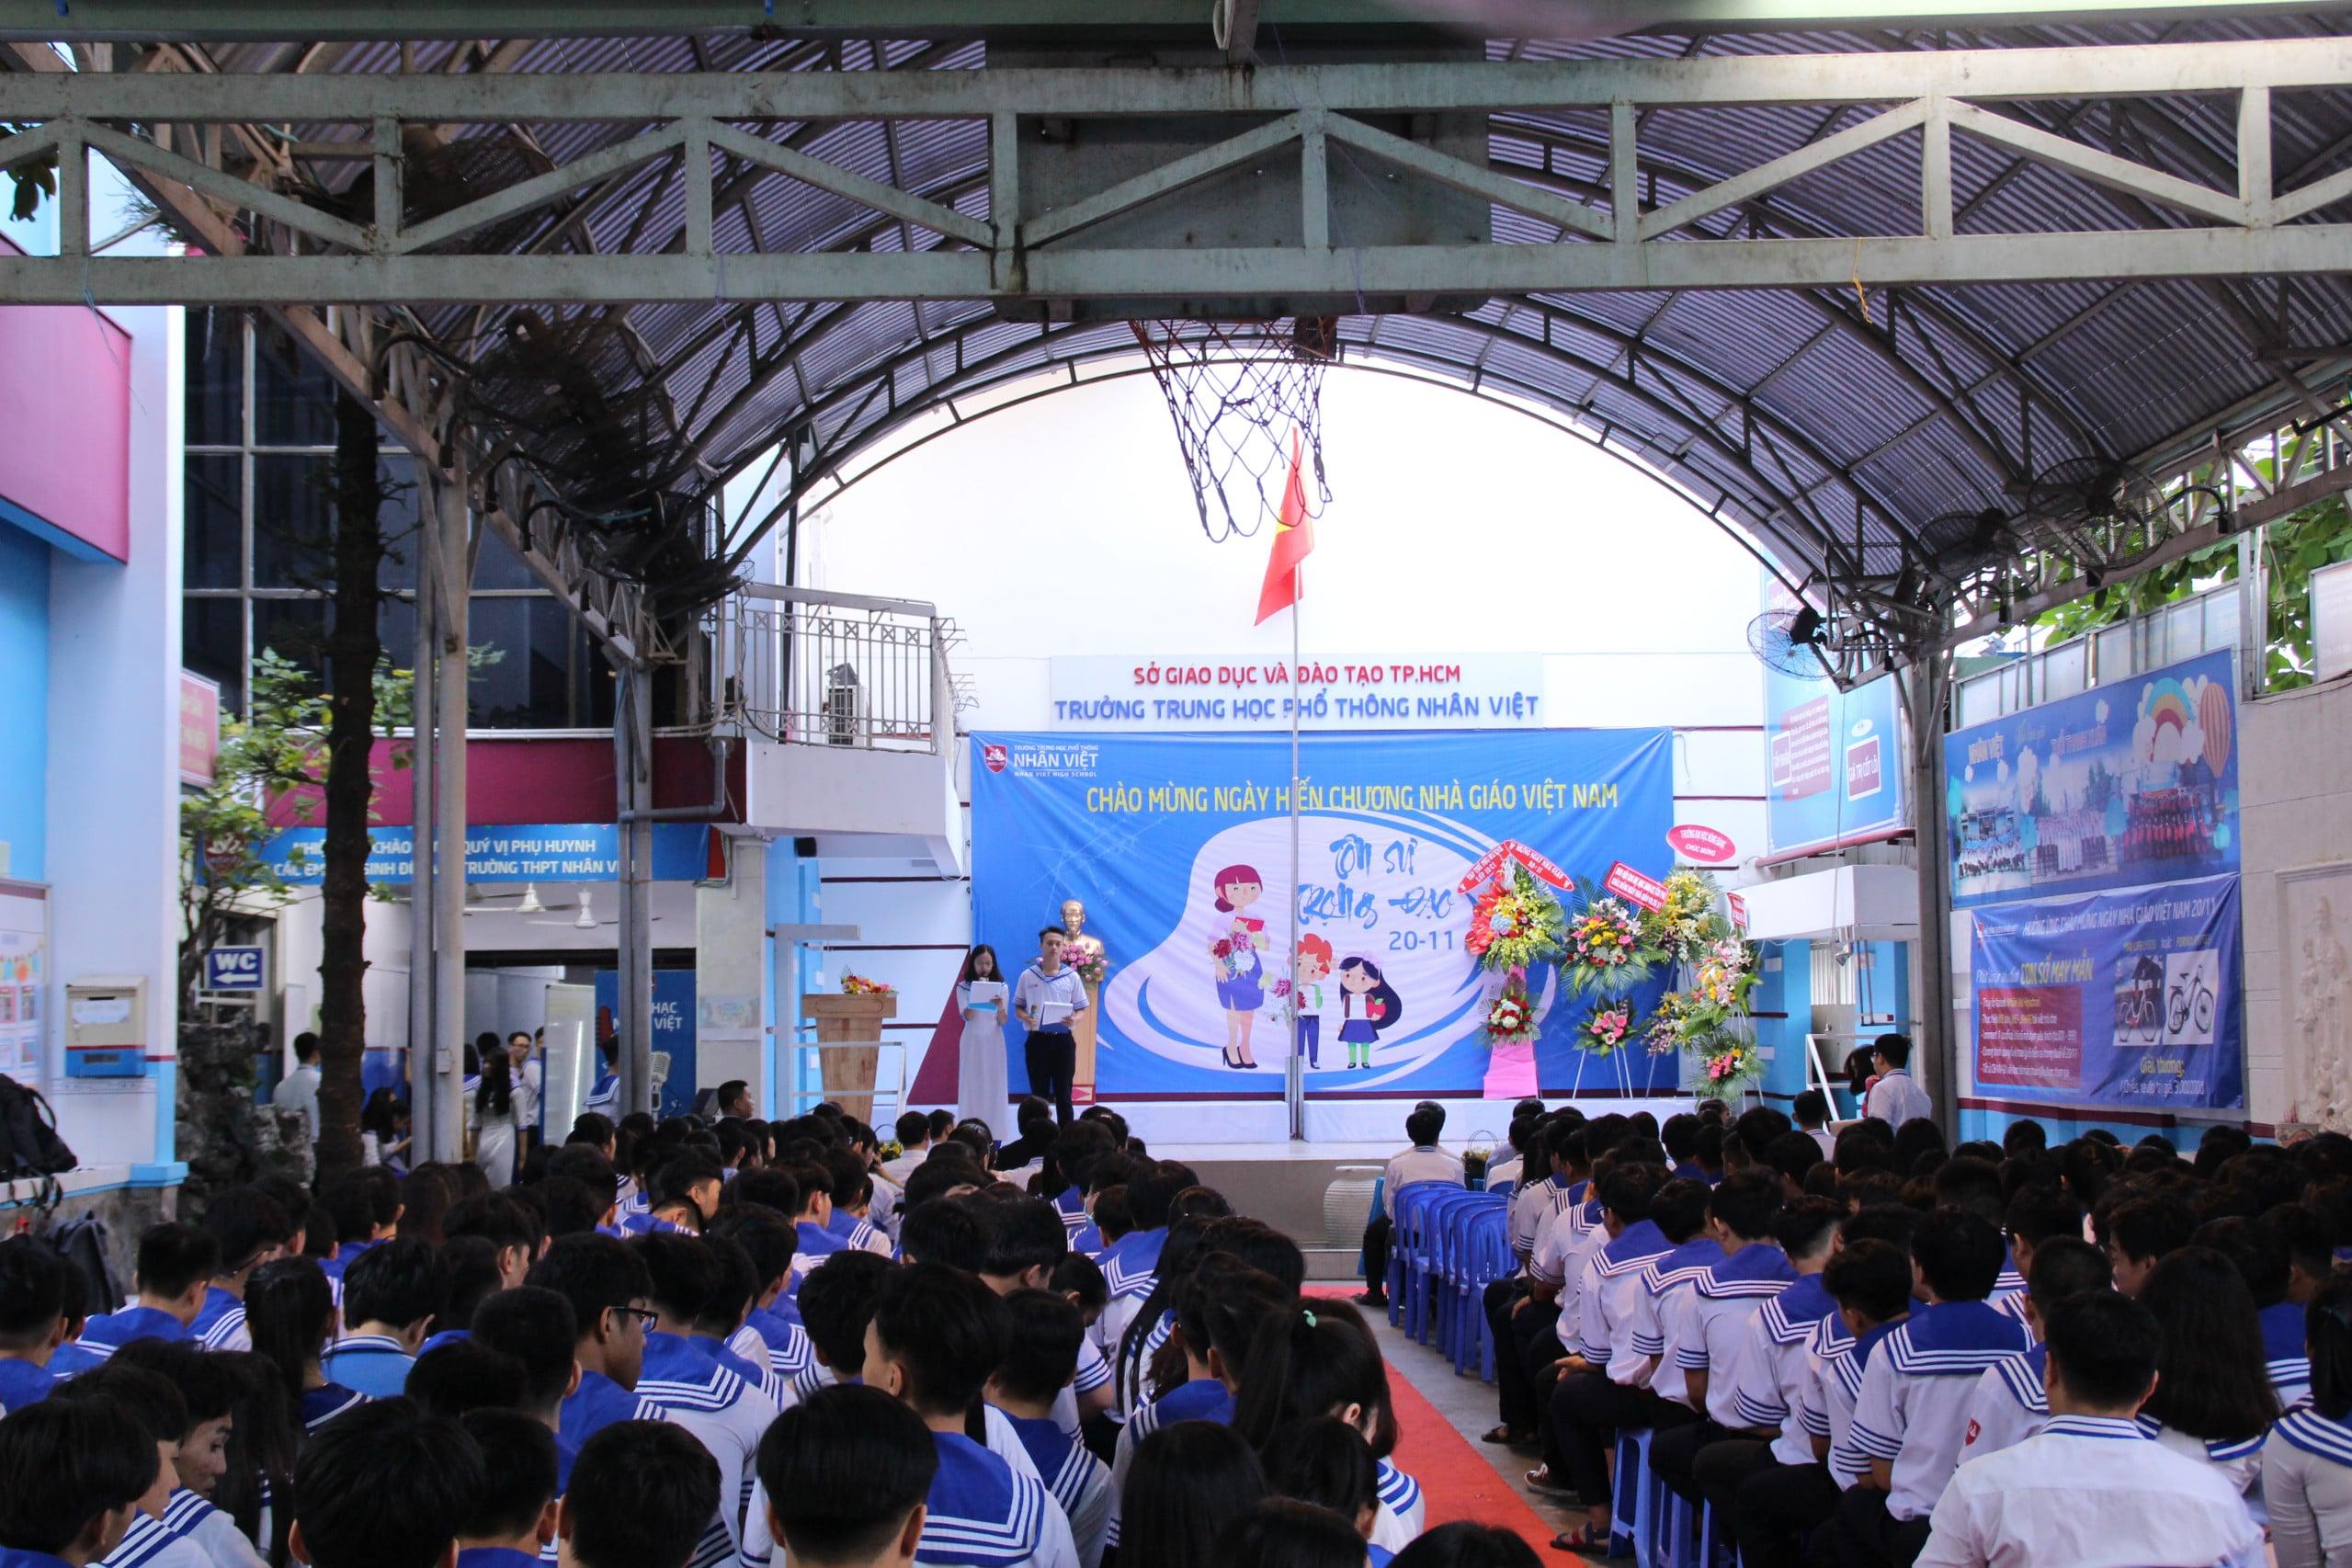 hoabinh events cung cấp dịch vụ tổ chức sự kiện 20-11 trọn gói tiết kiệm